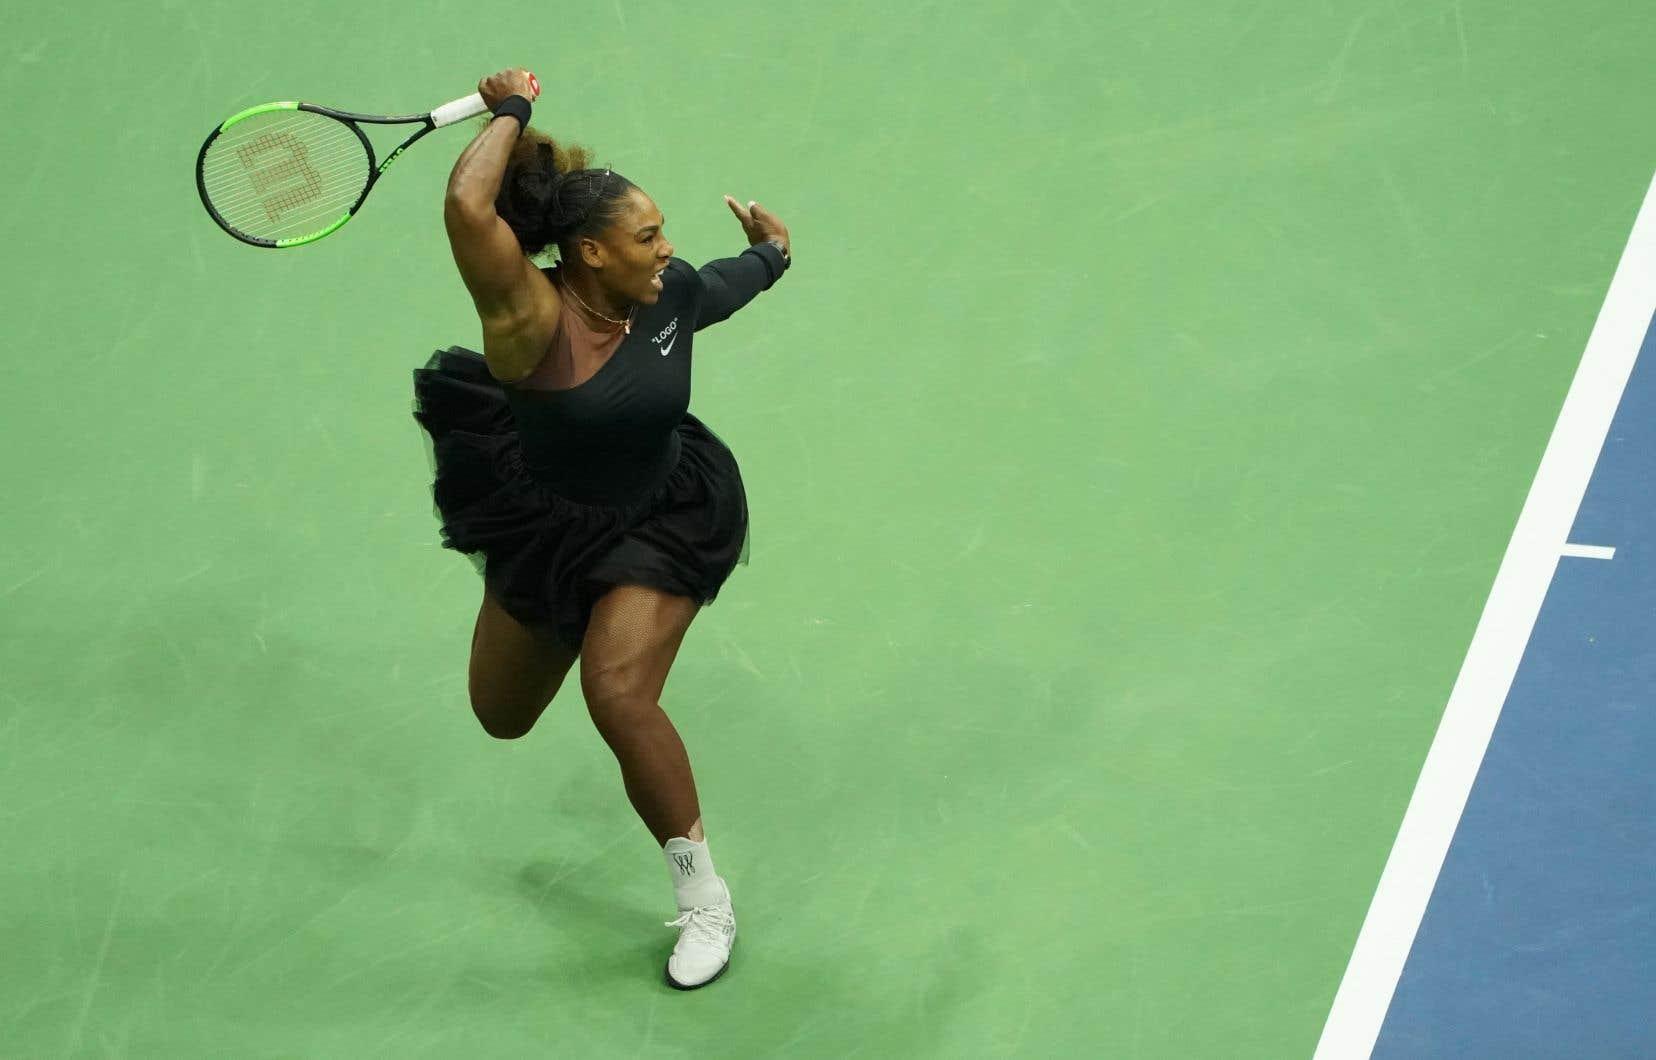 La joueuse avait été sanctionnée trois fois pendant la finale de l'US Open.